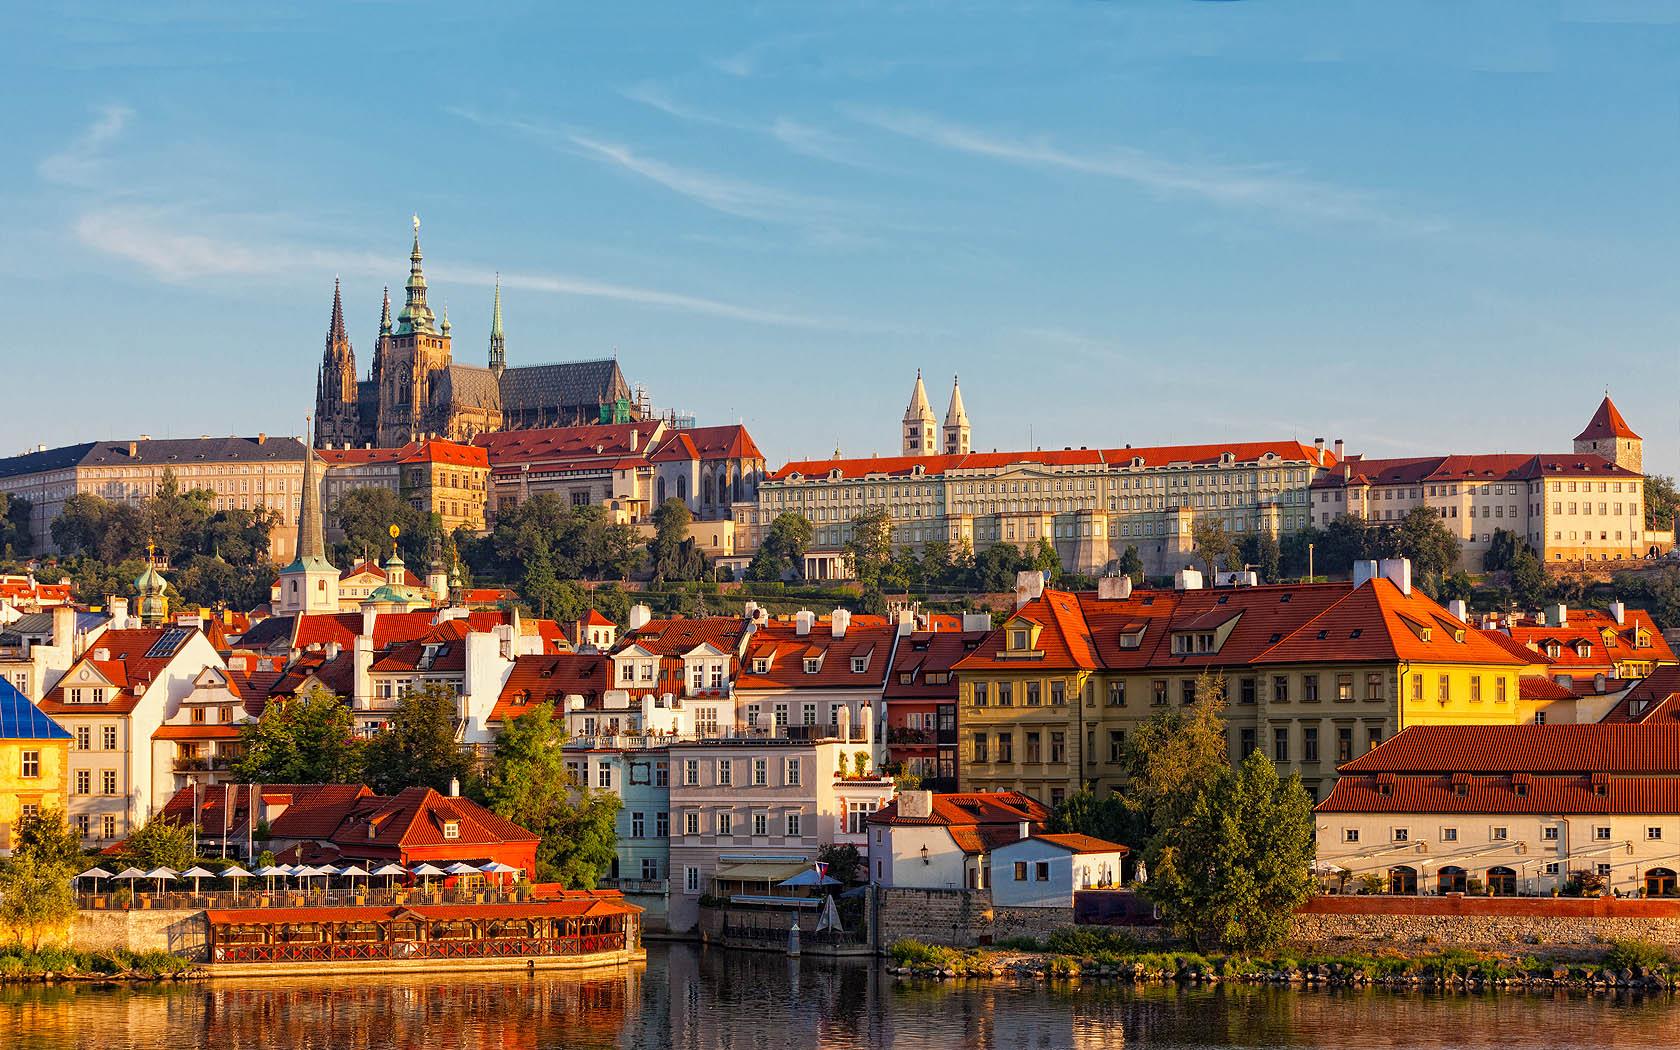 Settembre A Temperature Viaggiamo Che Praga qv8x1